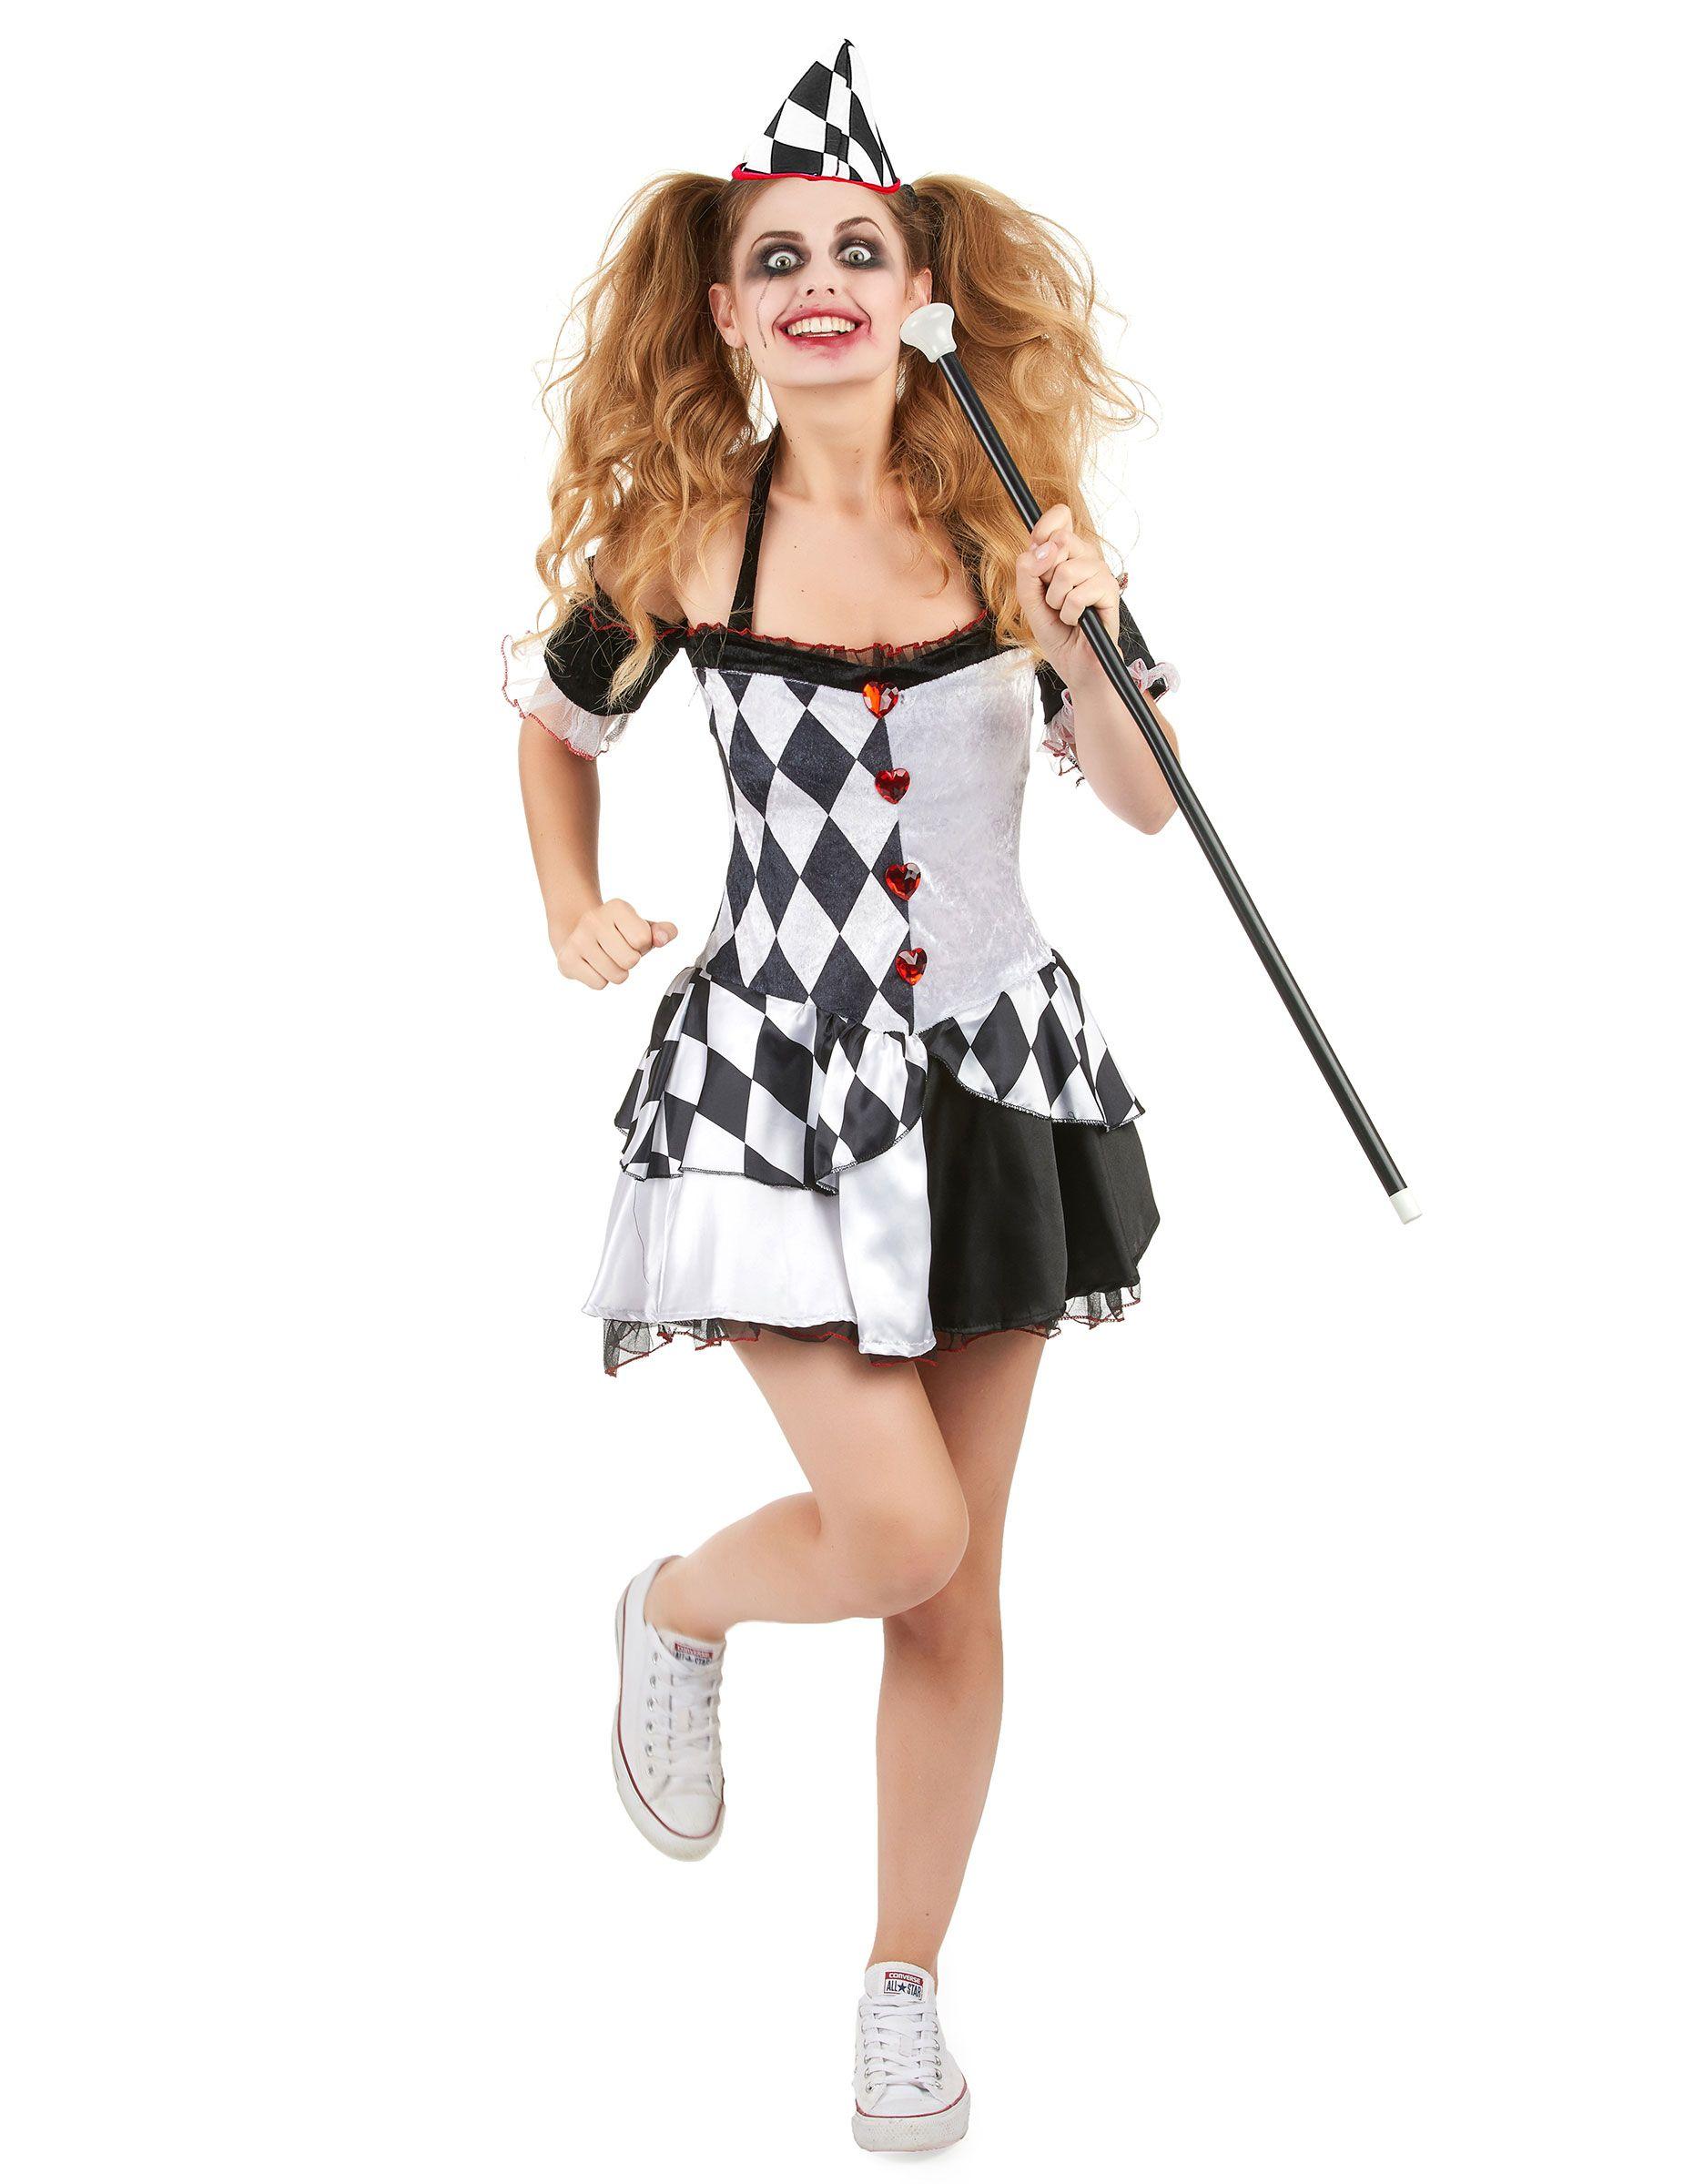 Disfraz de arlequín mujer  Este disfraz de arlequín para mujer incluye un  vestido 75837d72549